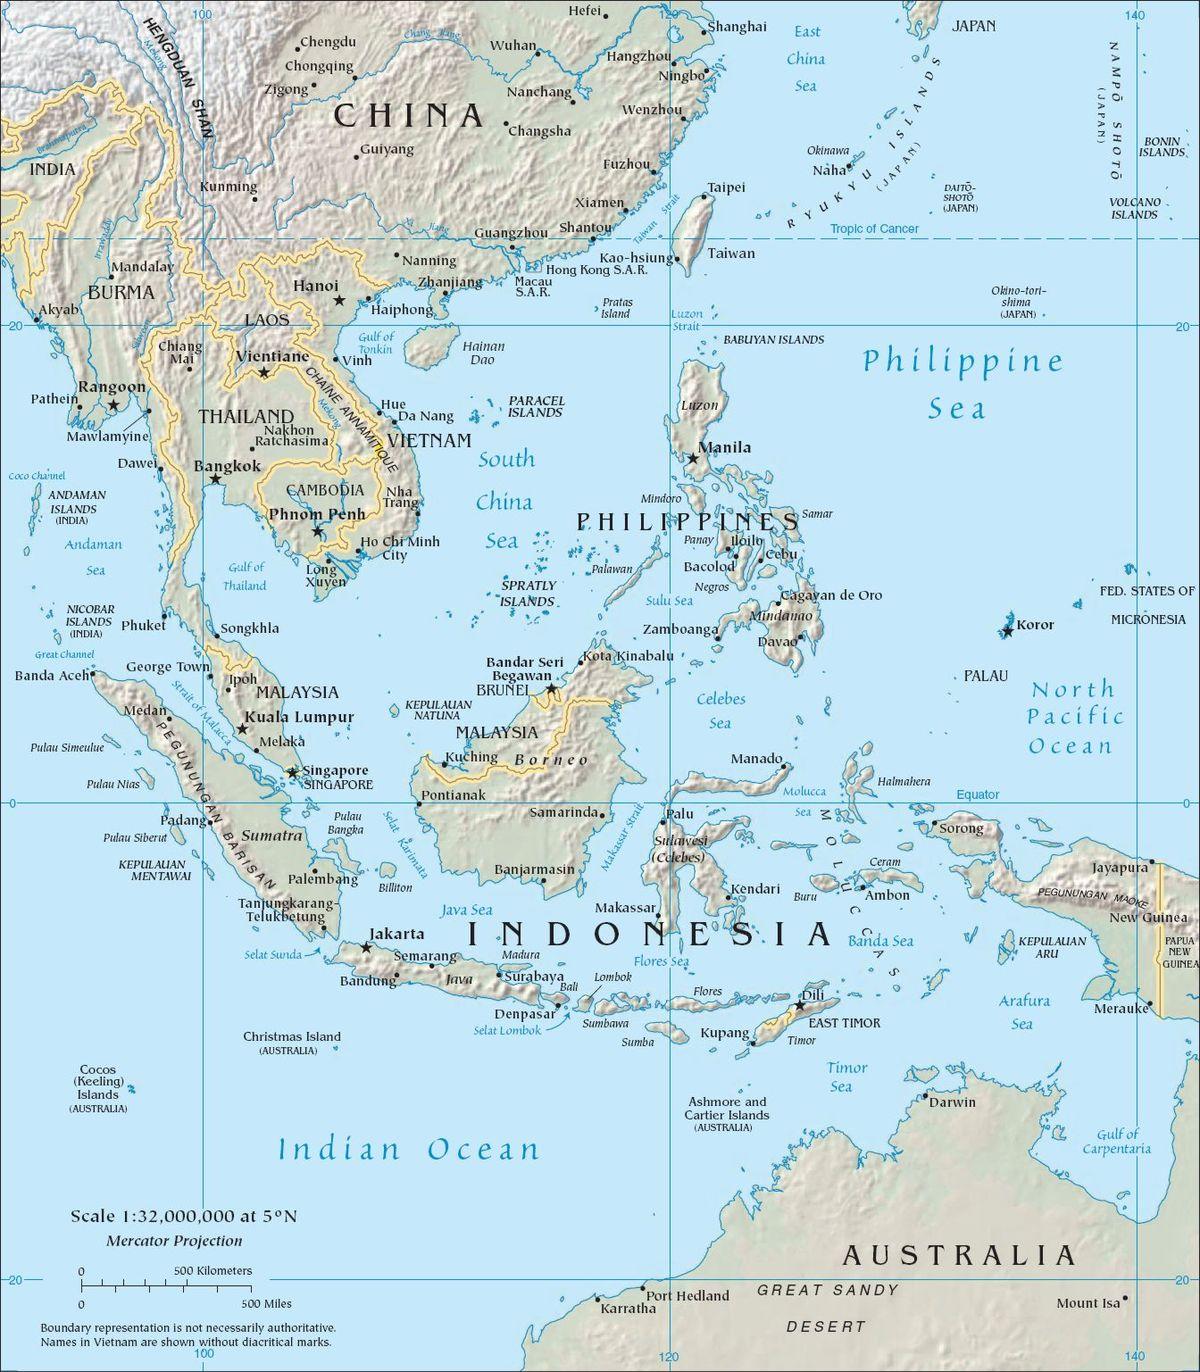 جنوب شرق آسيا المعرفة